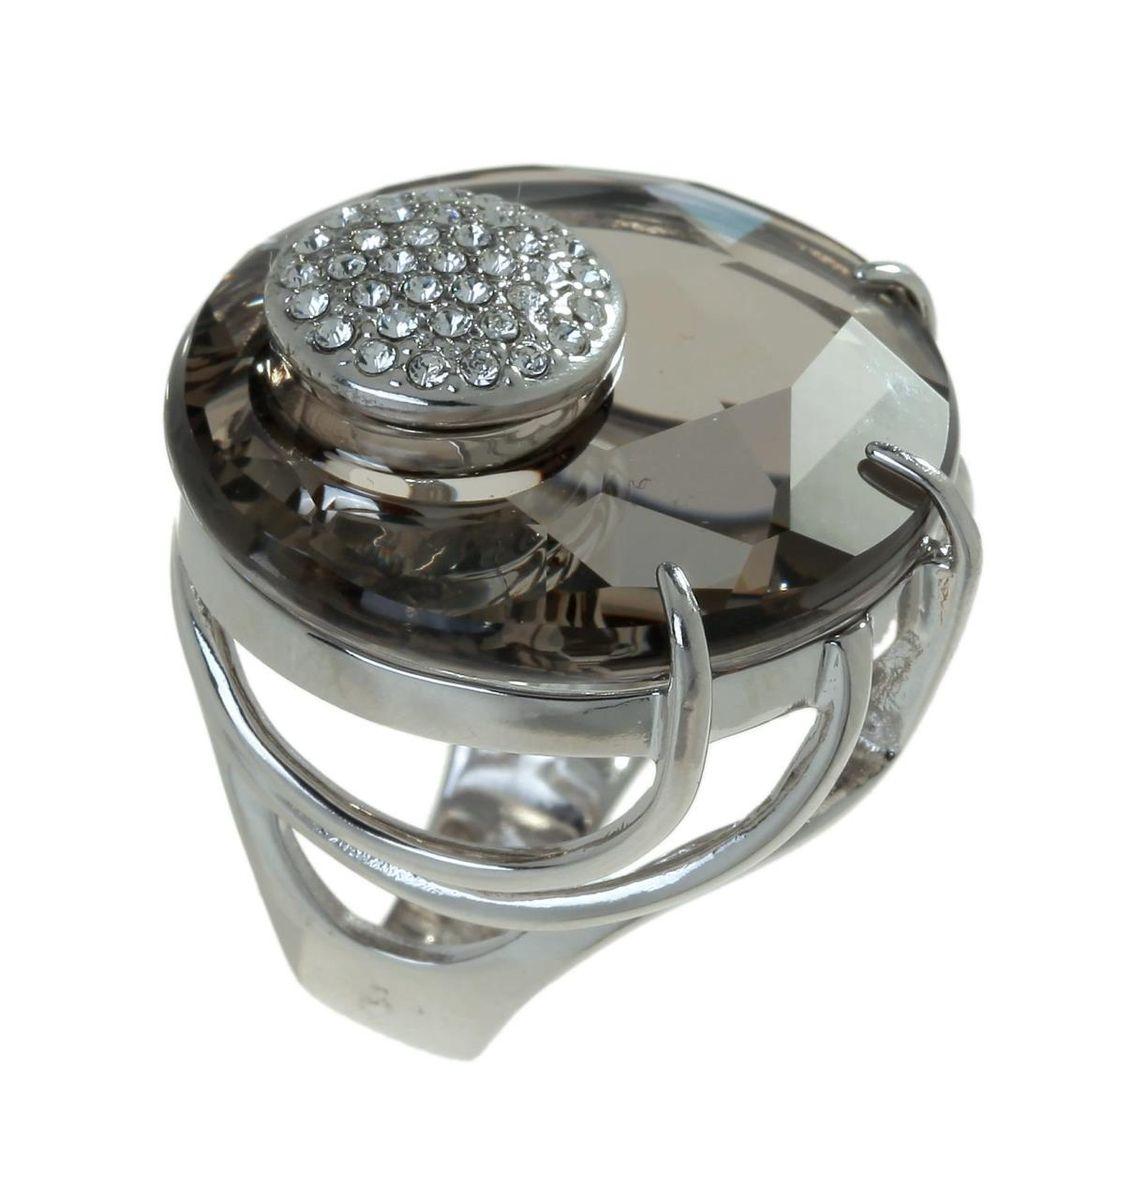 Кольцо Jenavi Коллекция Bubbles Ятру, цвет: серебряный, серый. j704f066. Размер 19j704f066Коллекция Bubbles, Ятру (Кольцо) гипоаллергенный ювелирный сплав,Серебрение c род. , вставка Кристаллы Swarovski , цвет - серебряный, серый, размер - 19 избегать взаимодействия с водой и химическими средствами